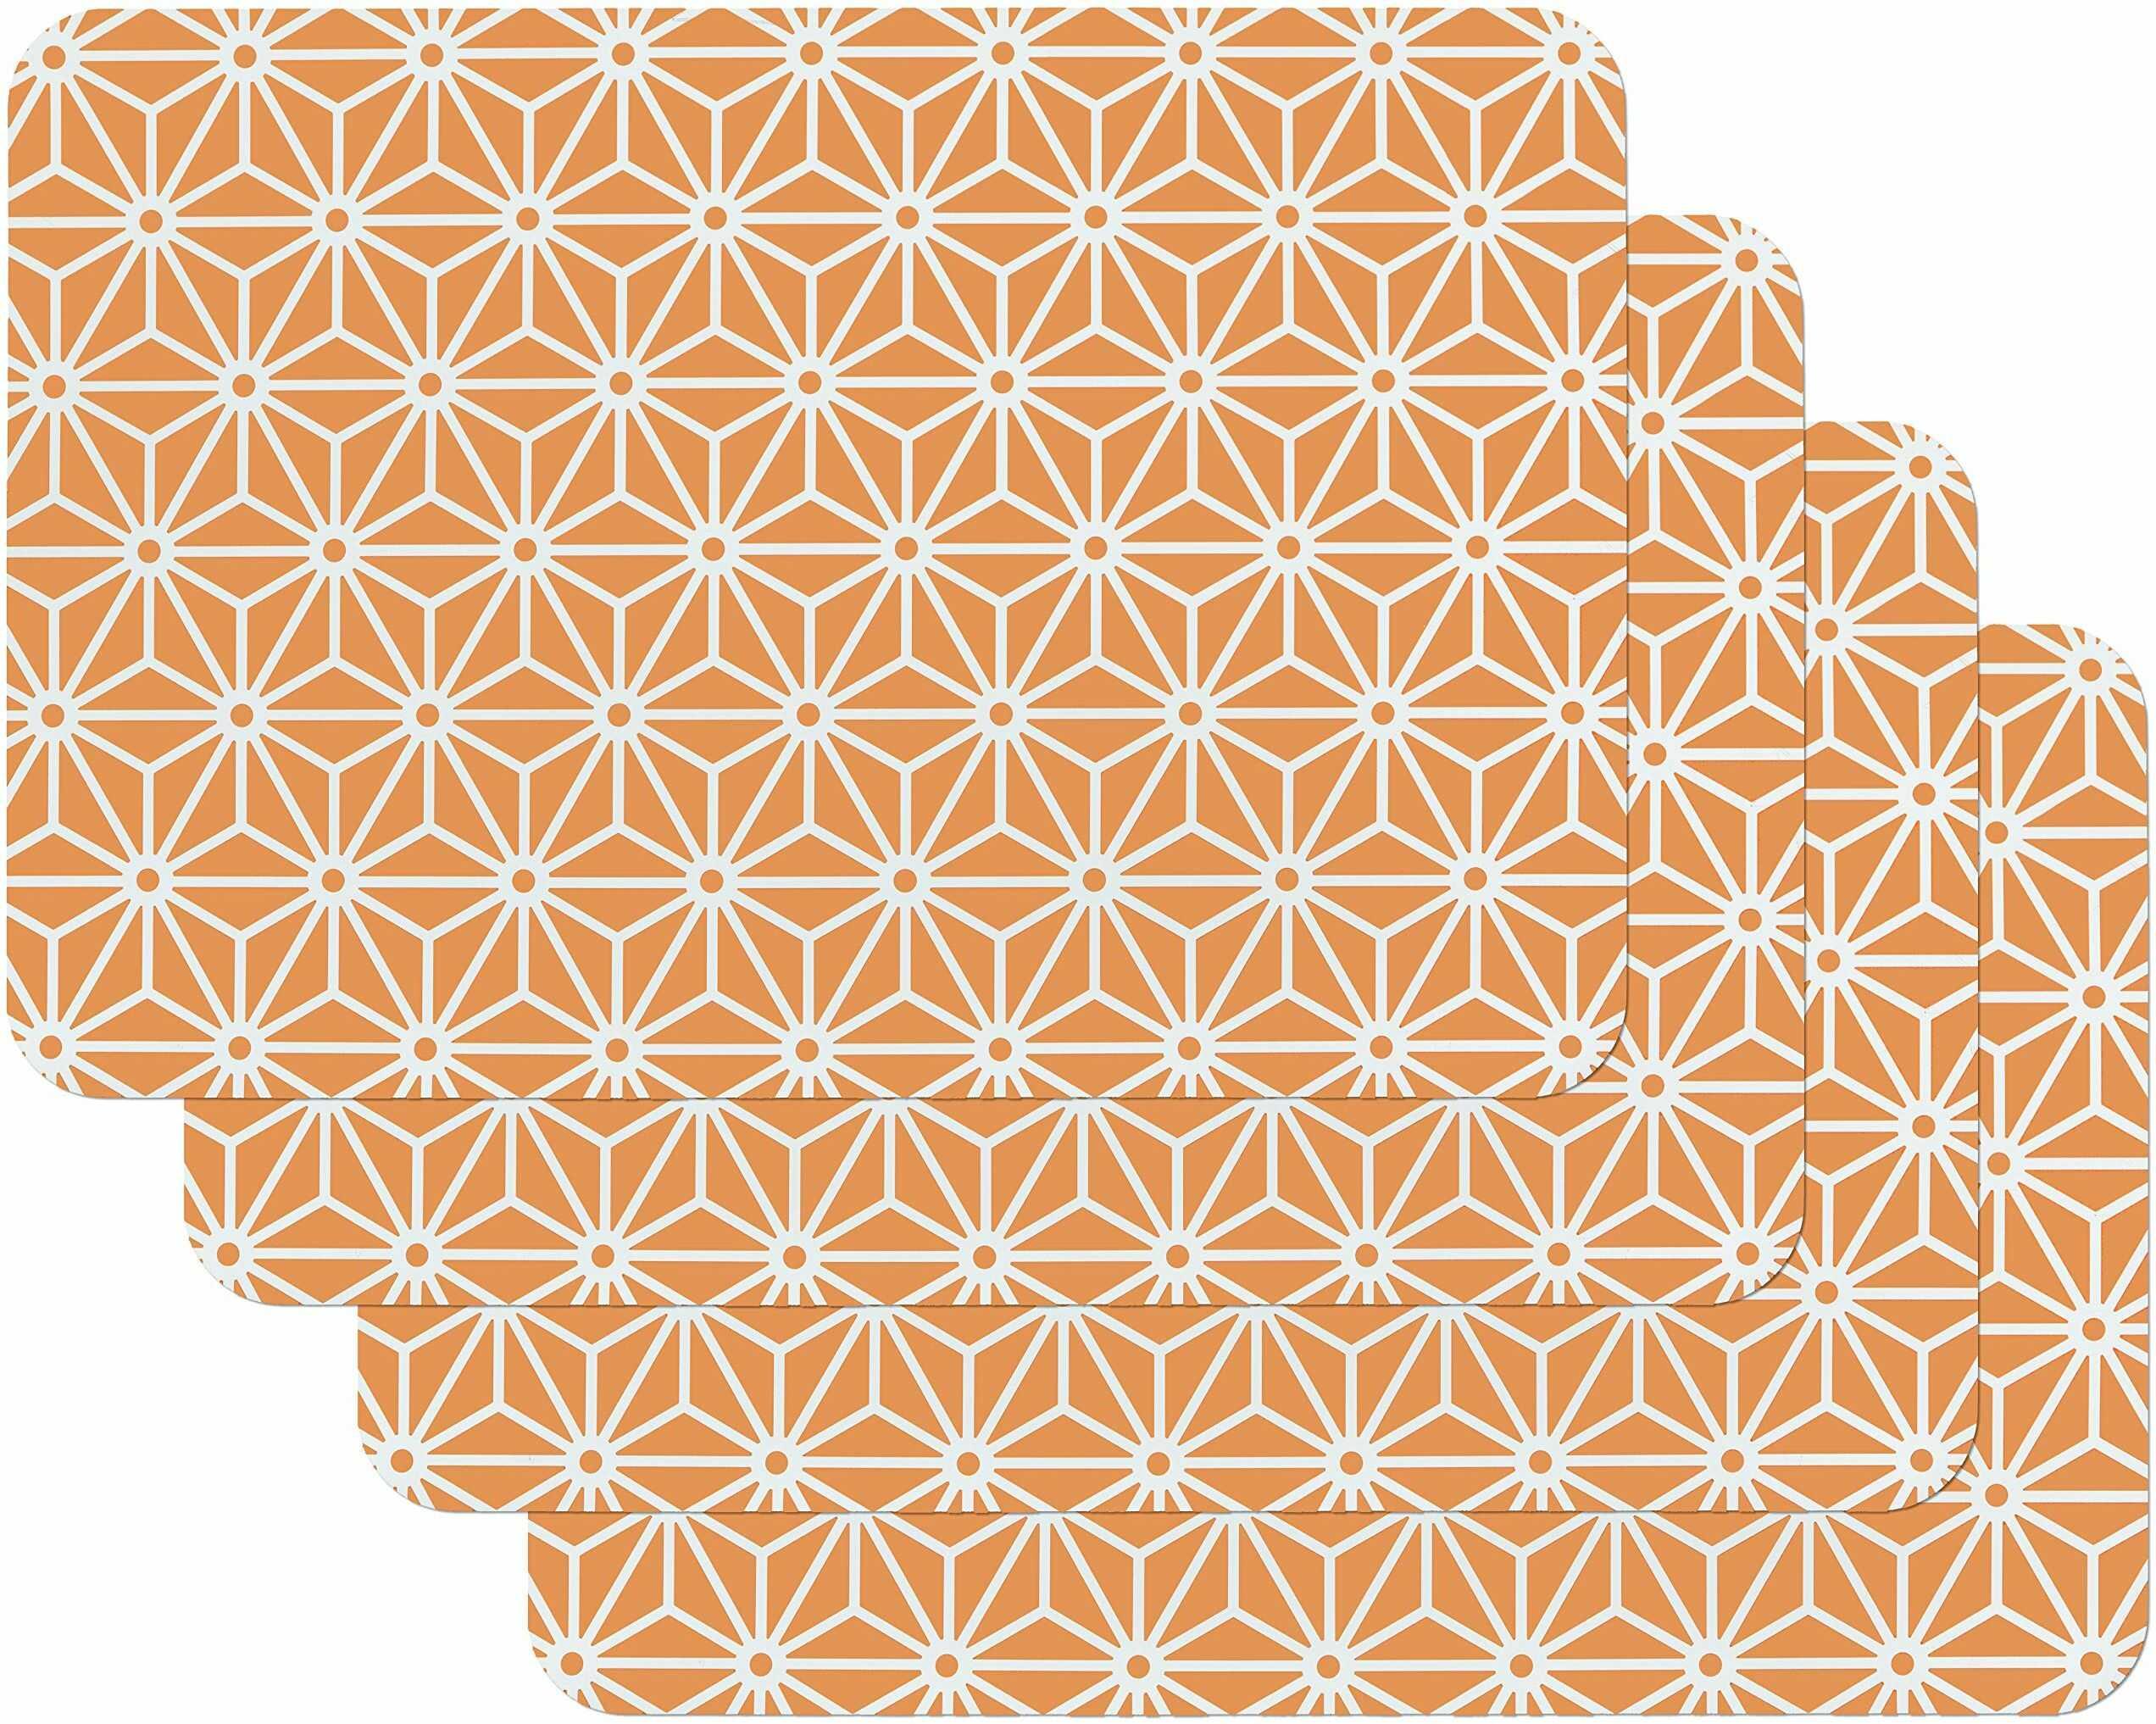 Venilia Osaka pomarańczowy zestaw podkładek stołowych do jadalni VINTAGE, 4 sztuki, zmywalny polipropylen, nadaje się do kontaktu z żywnością, 45 x 30 cm, 4 sztuki, 59061, tworzywo sztuczne, motywy, 4